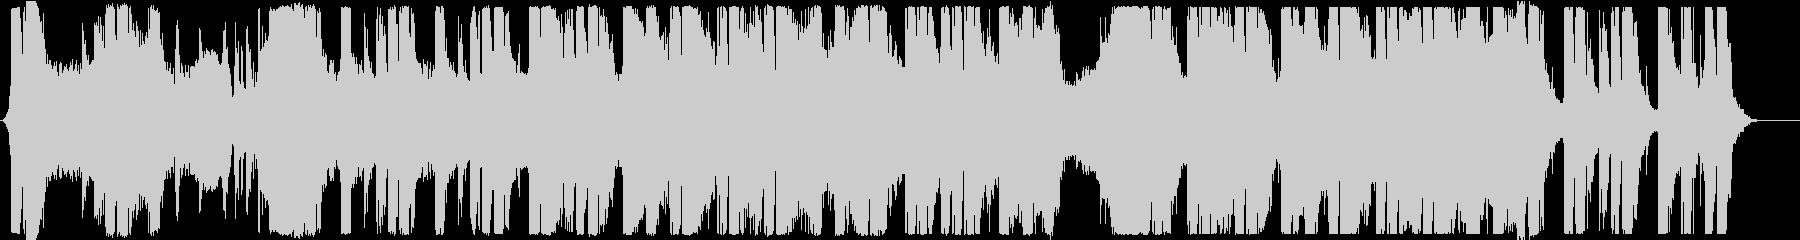 インディーロック ワイルド スポー...の未再生の波形